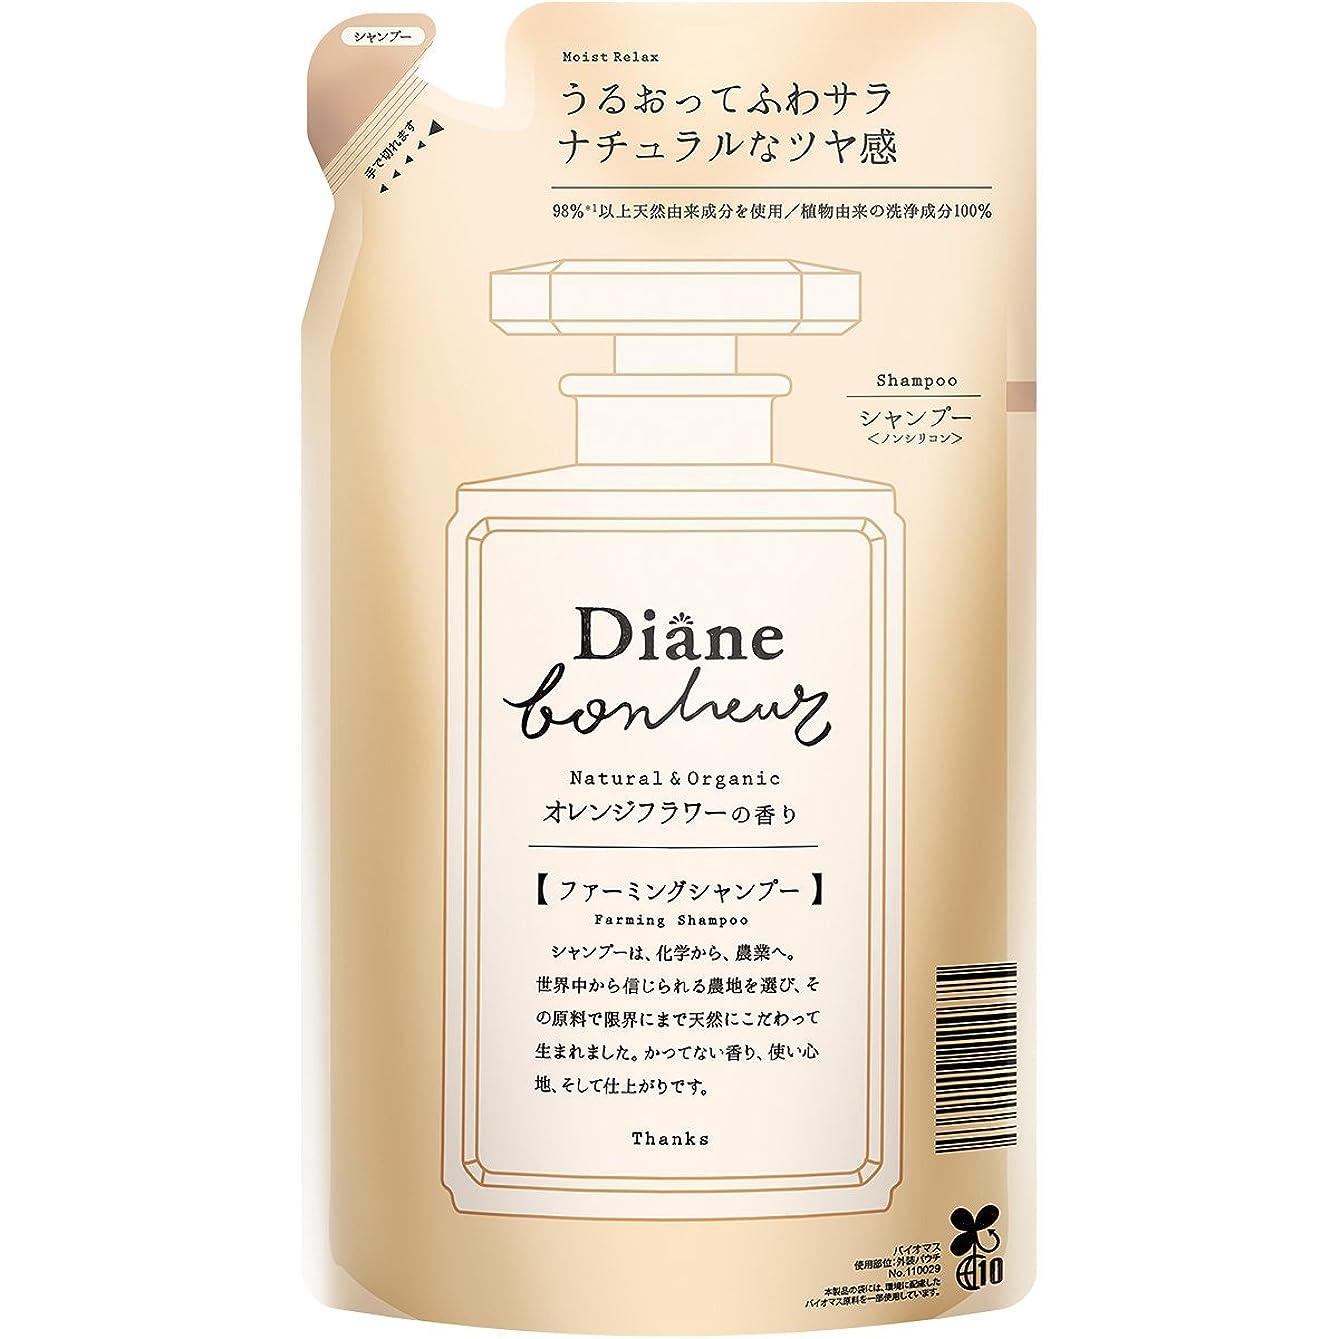 ありふれたかる適合しましたダイアン ボヌール オレンジフラワーの香り モイストリラックス シャンプー 詰め替え 400ml